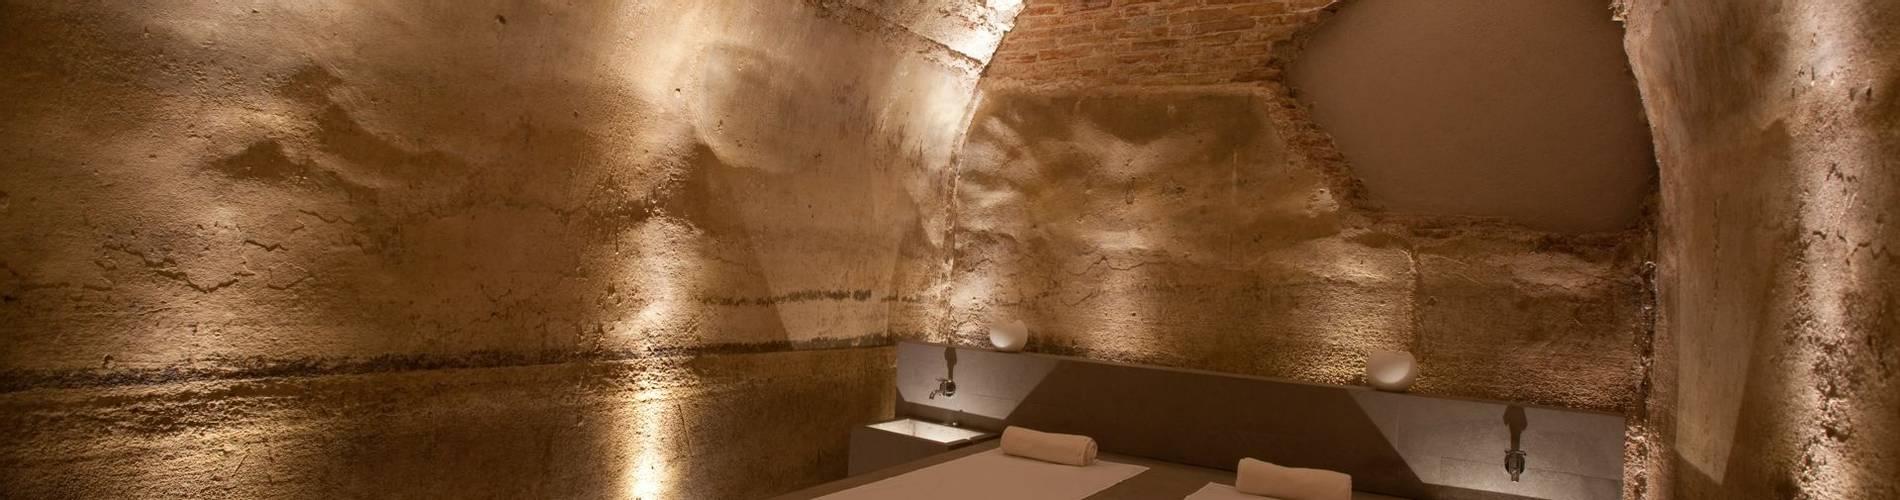 Nun Assisi Relais & Spa, Umbria, Italy (21).jpg